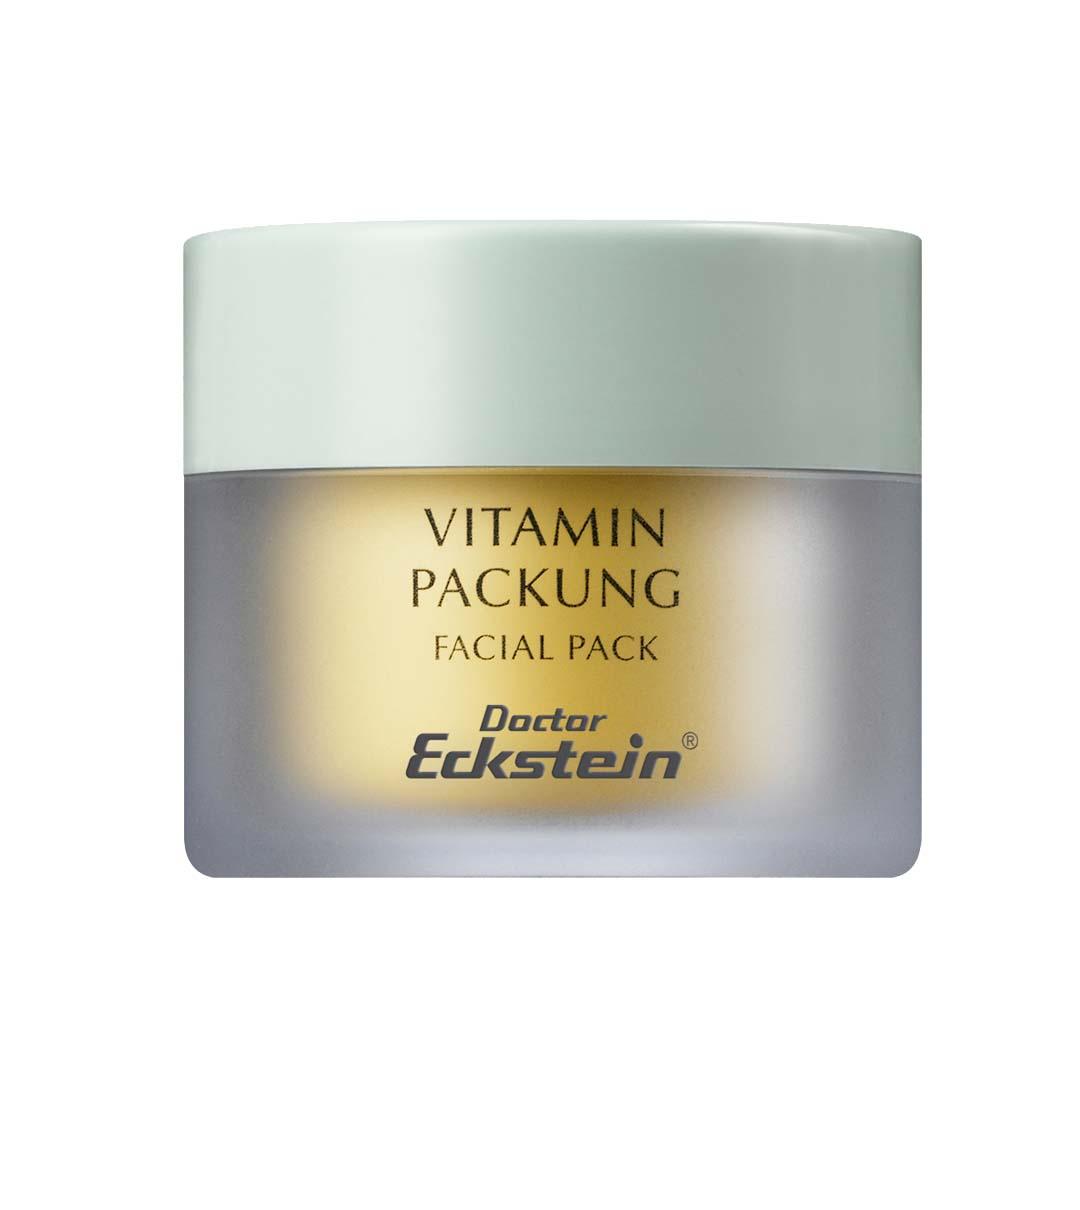 1x Doctor Eckstein® Vitamin Packung 50 ml